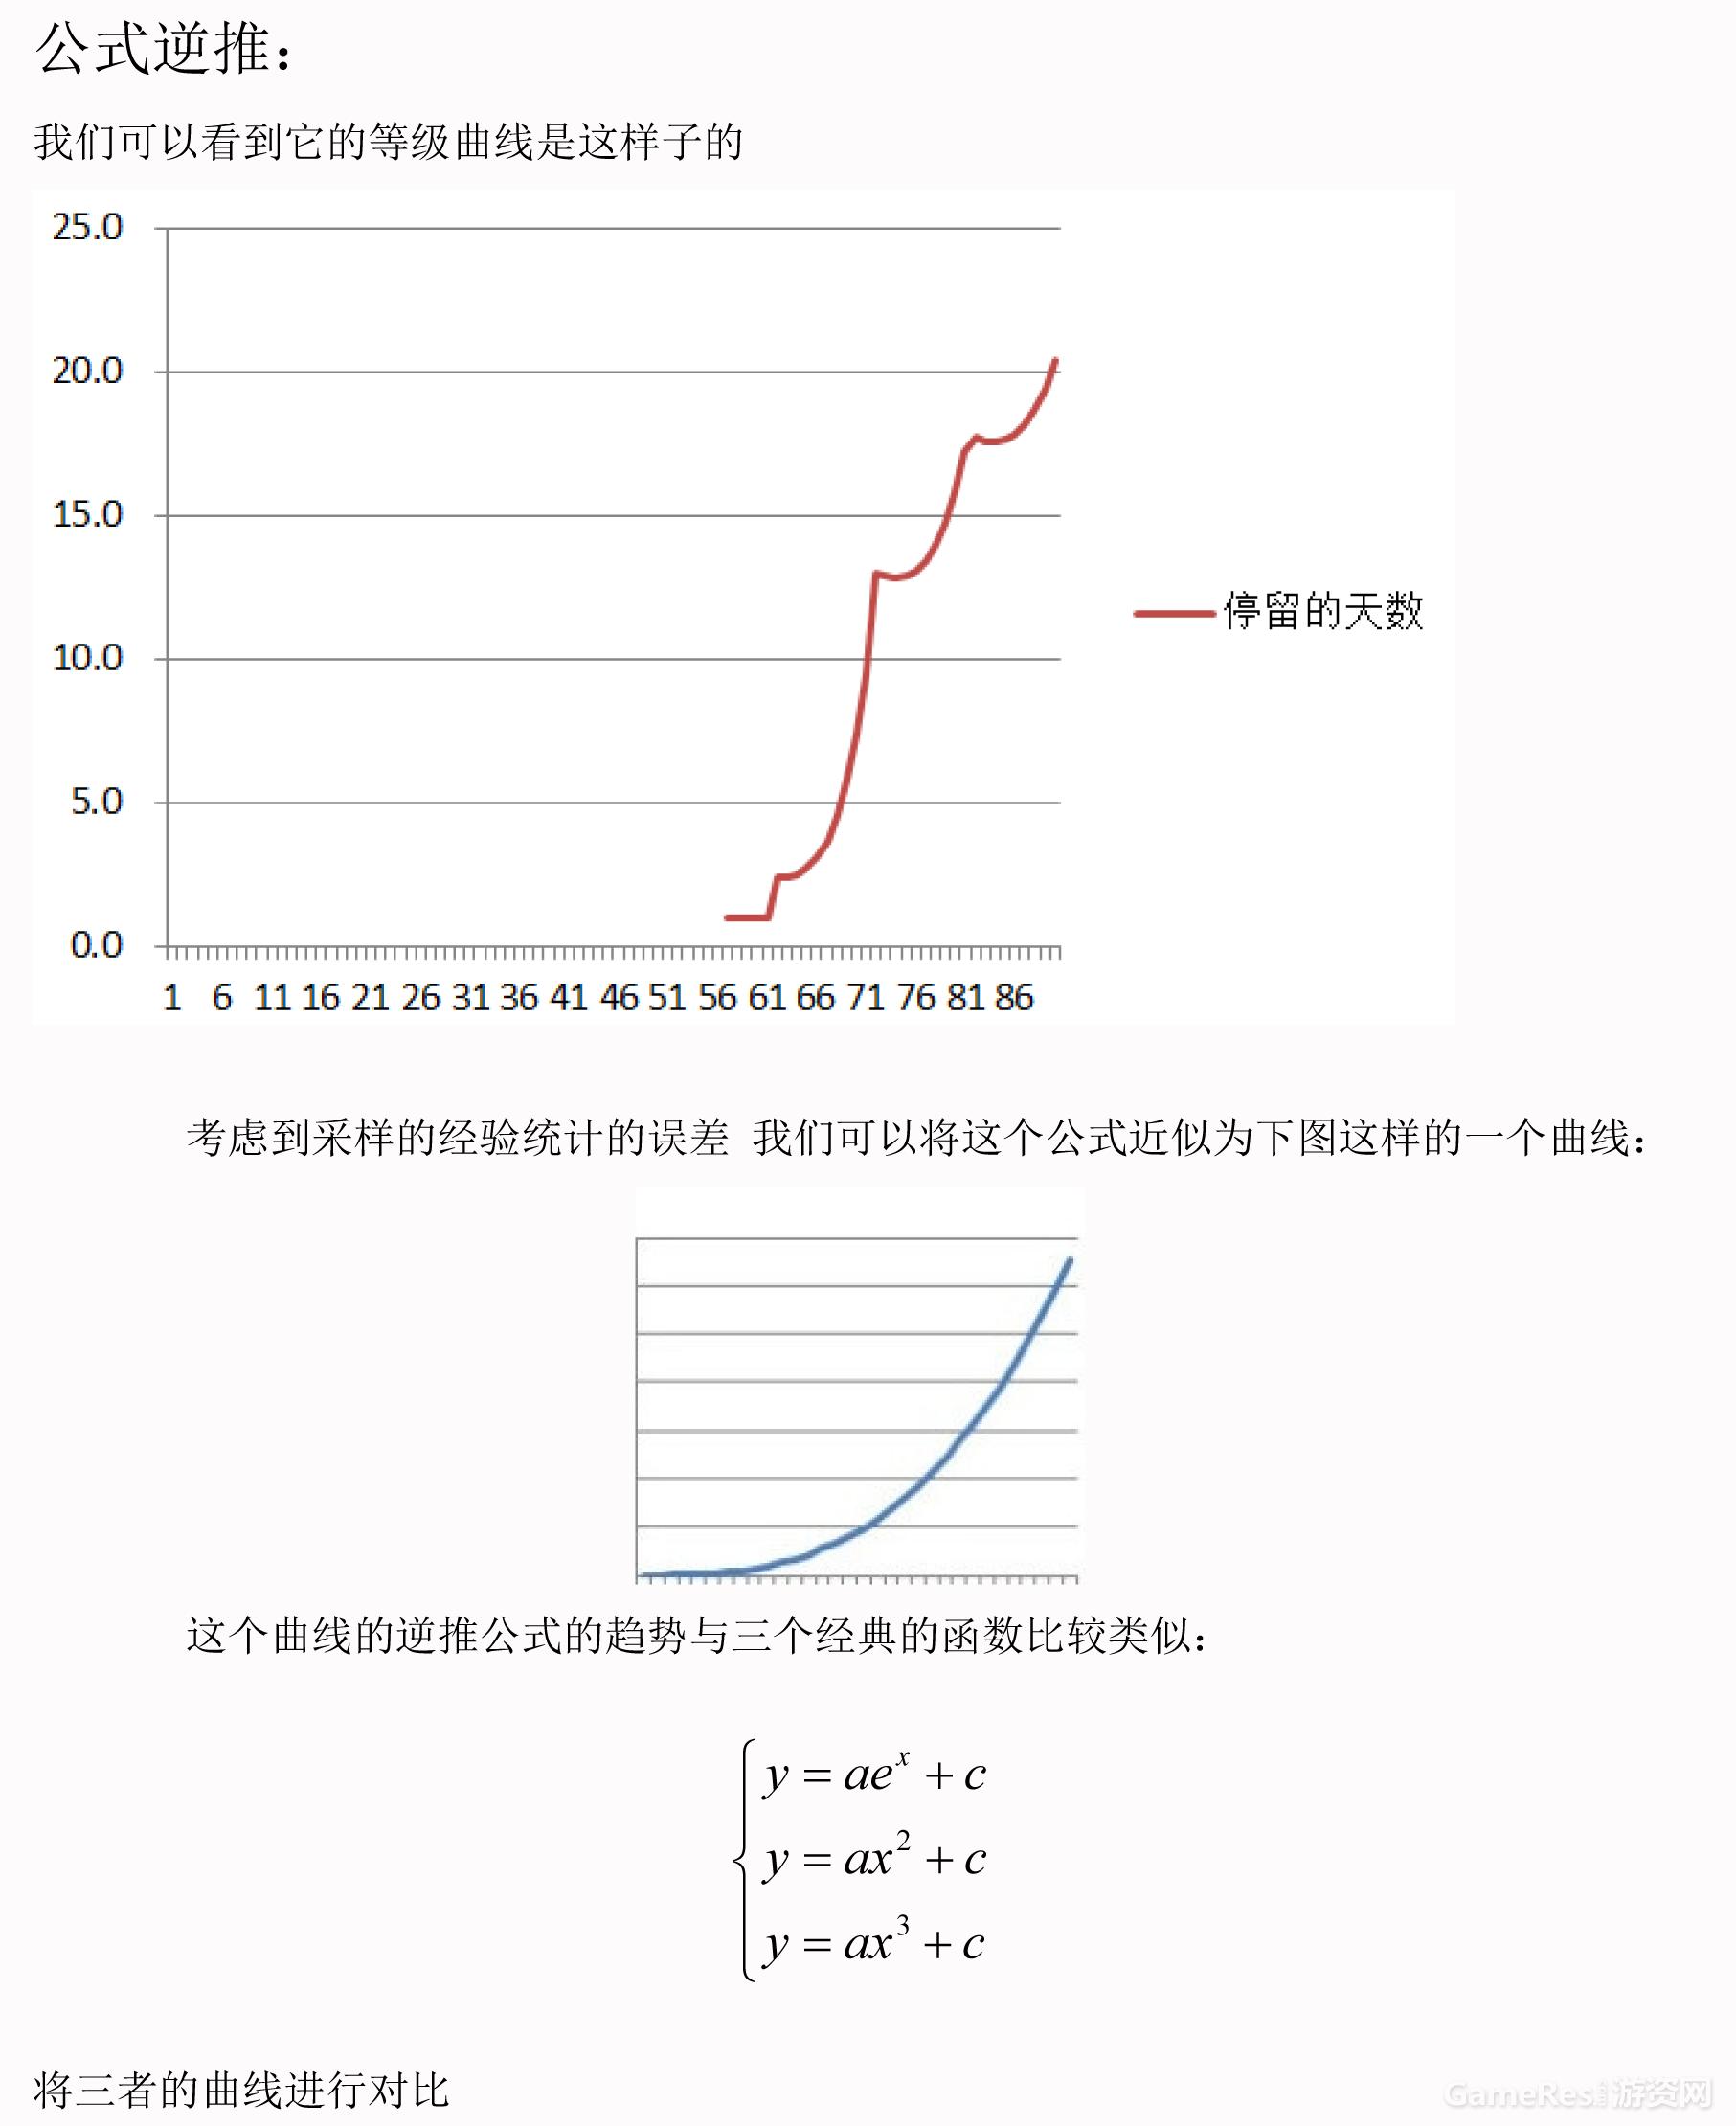 经验公式逆推-3.png